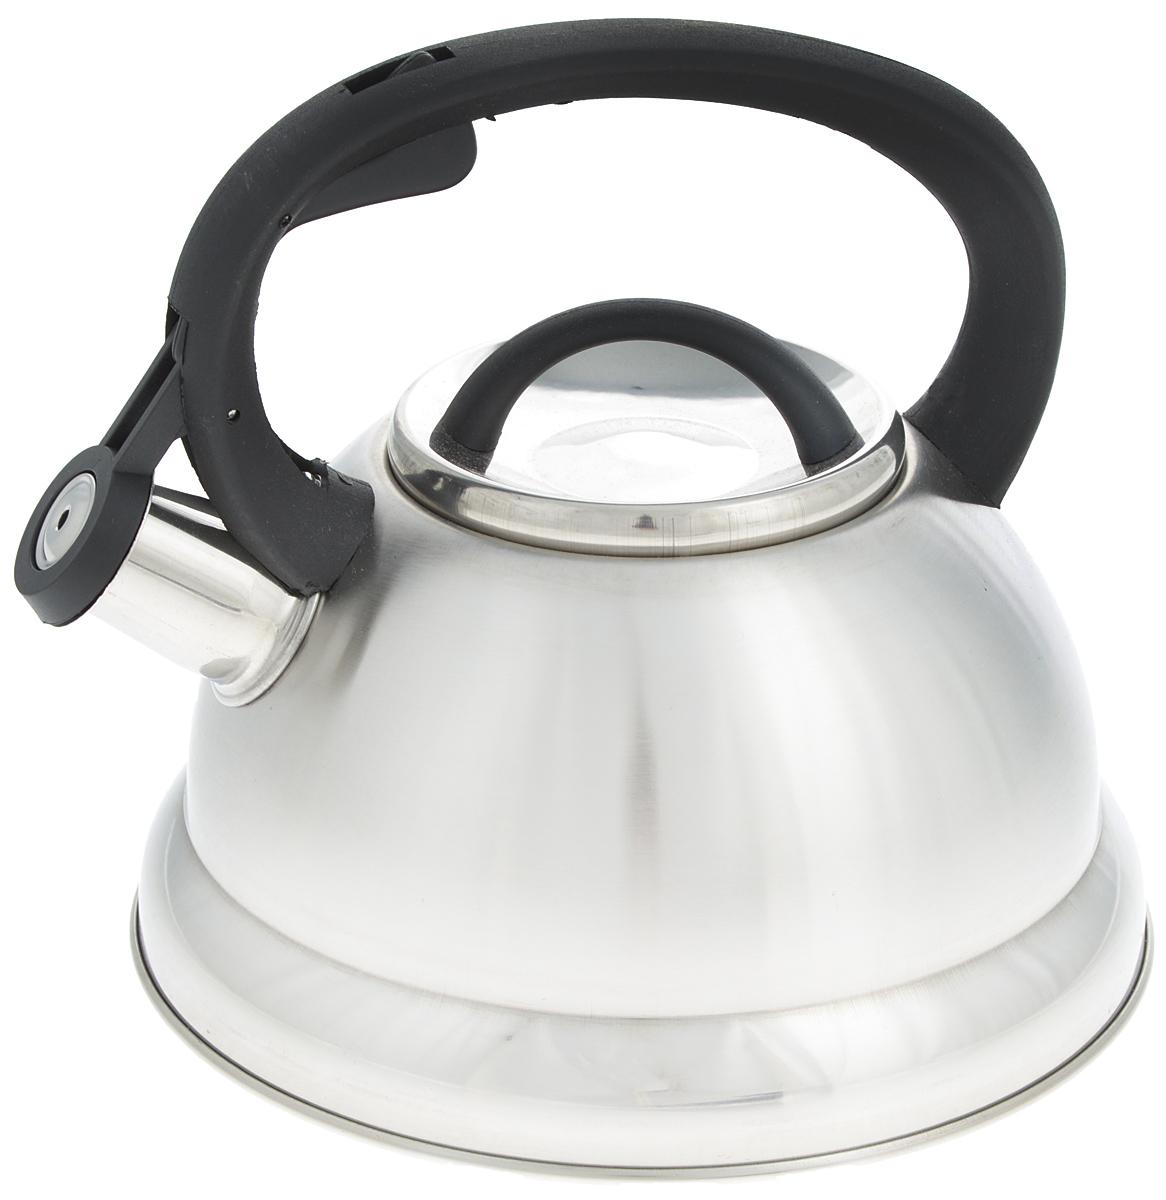 Чайник Mayer & Boch, со свистком, 2,5 л. 2574725747Чайник со свистком Mayer & Boch изготовлен из высококачественной нержавеющей стали, что обеспечивает долговечность использования. Носик чайника оснащен откидным свистком, звуковой сигнал которого подскажет, когда закипит вода. Свисток открывается нажатием кнопки на фиксированной ручке, сделанной из пластика. Чайник Mayer & Boch - качественное исполнение и стильное решение для вашей кухни. Подходит для газовых, электрических, стеклокерамических и галогеновых плит. Можно мыть в посудомоечной машине. Высота чайника (с учетом ручки и крышки): 20,5 см.Высота чайника (без учета ручки и крышки): 12 см.Диаметр чайника (по верхнему краю): 10 см.Диаметр основания: 19 см.